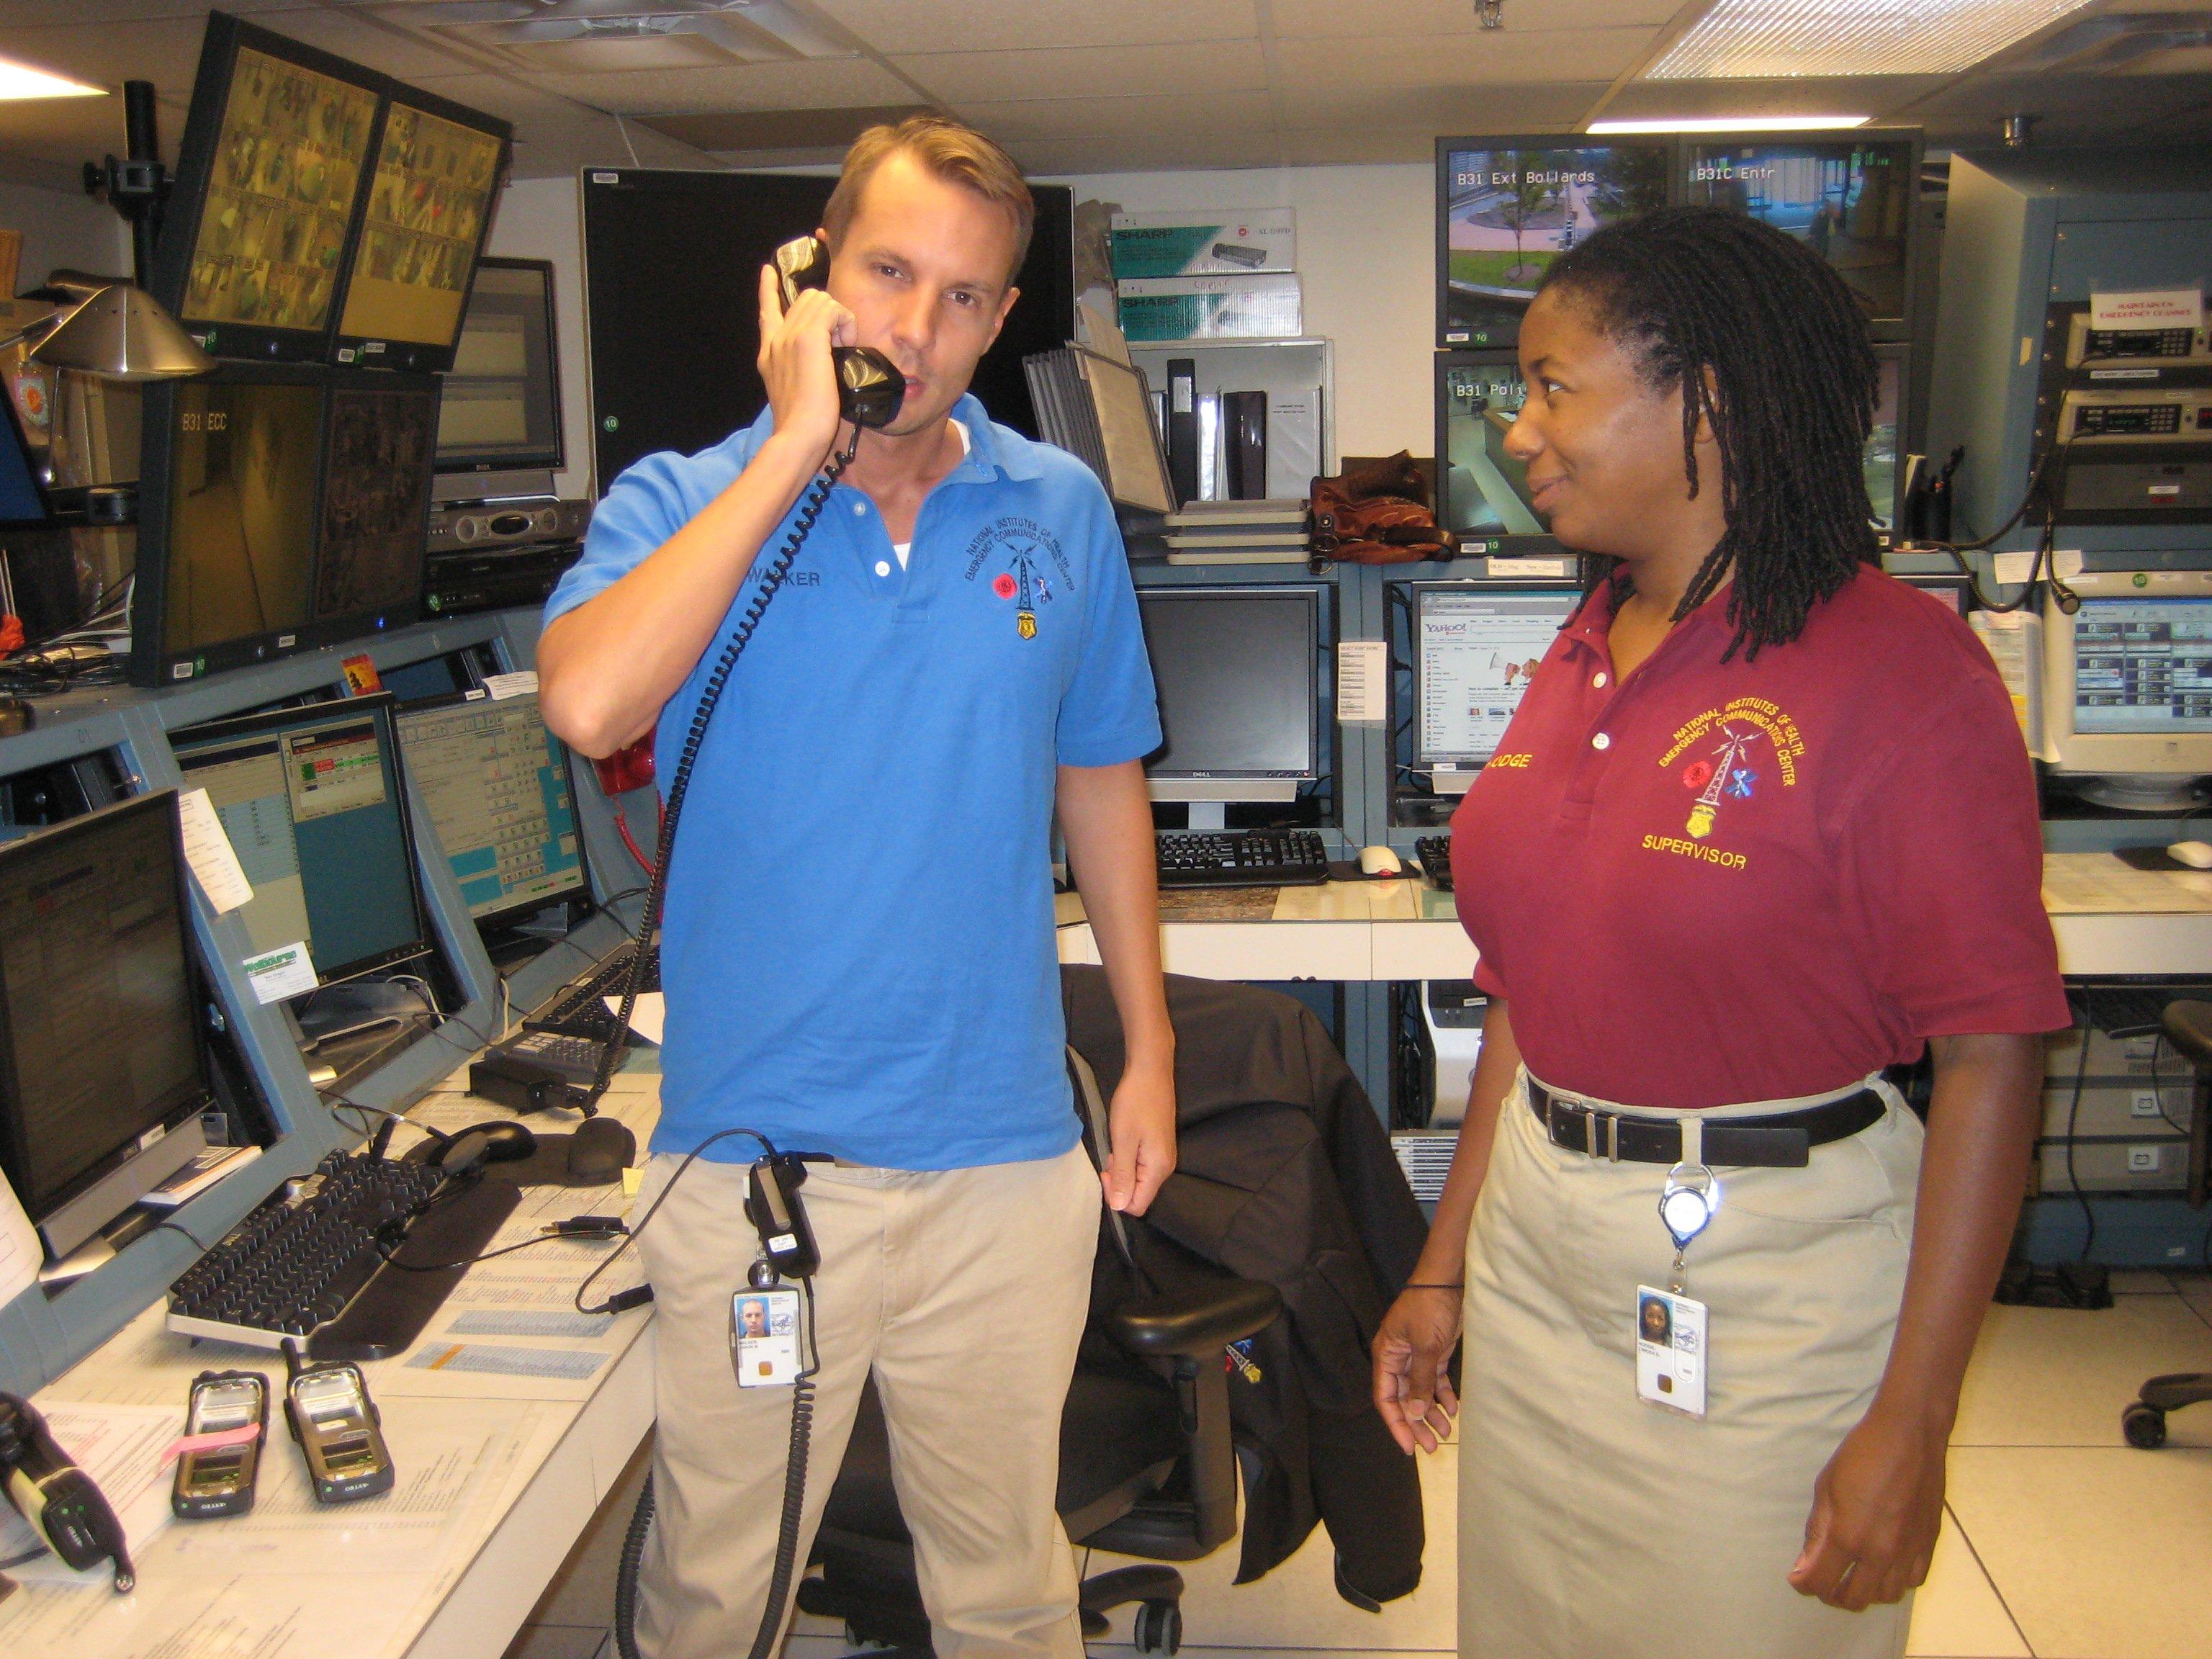 Washington se queda sin el teléfono de emergencias 911 por un fallo en internet